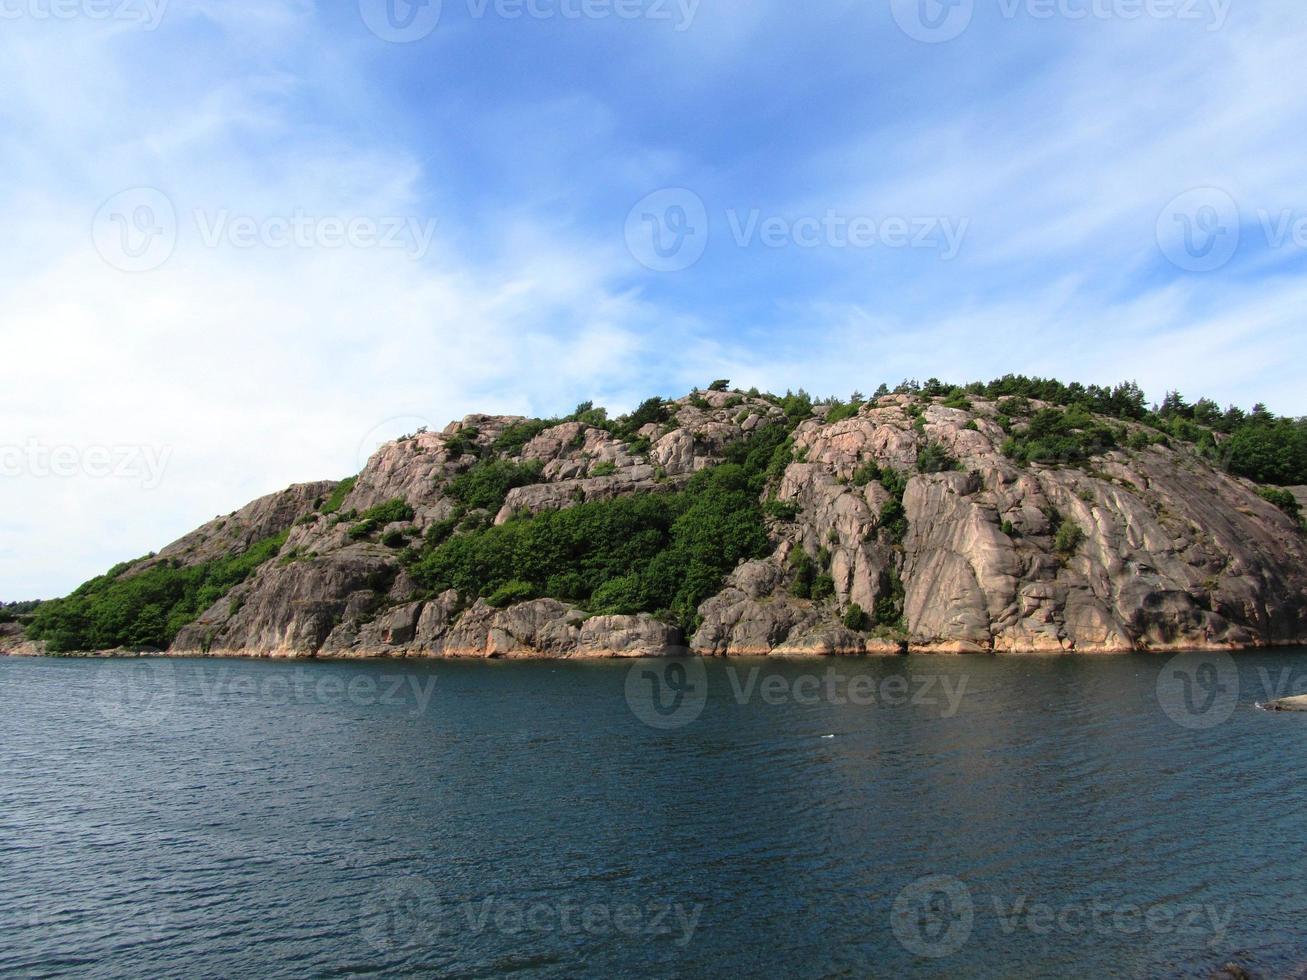 sverige sjö och trä i ensamhet på sommaren foto